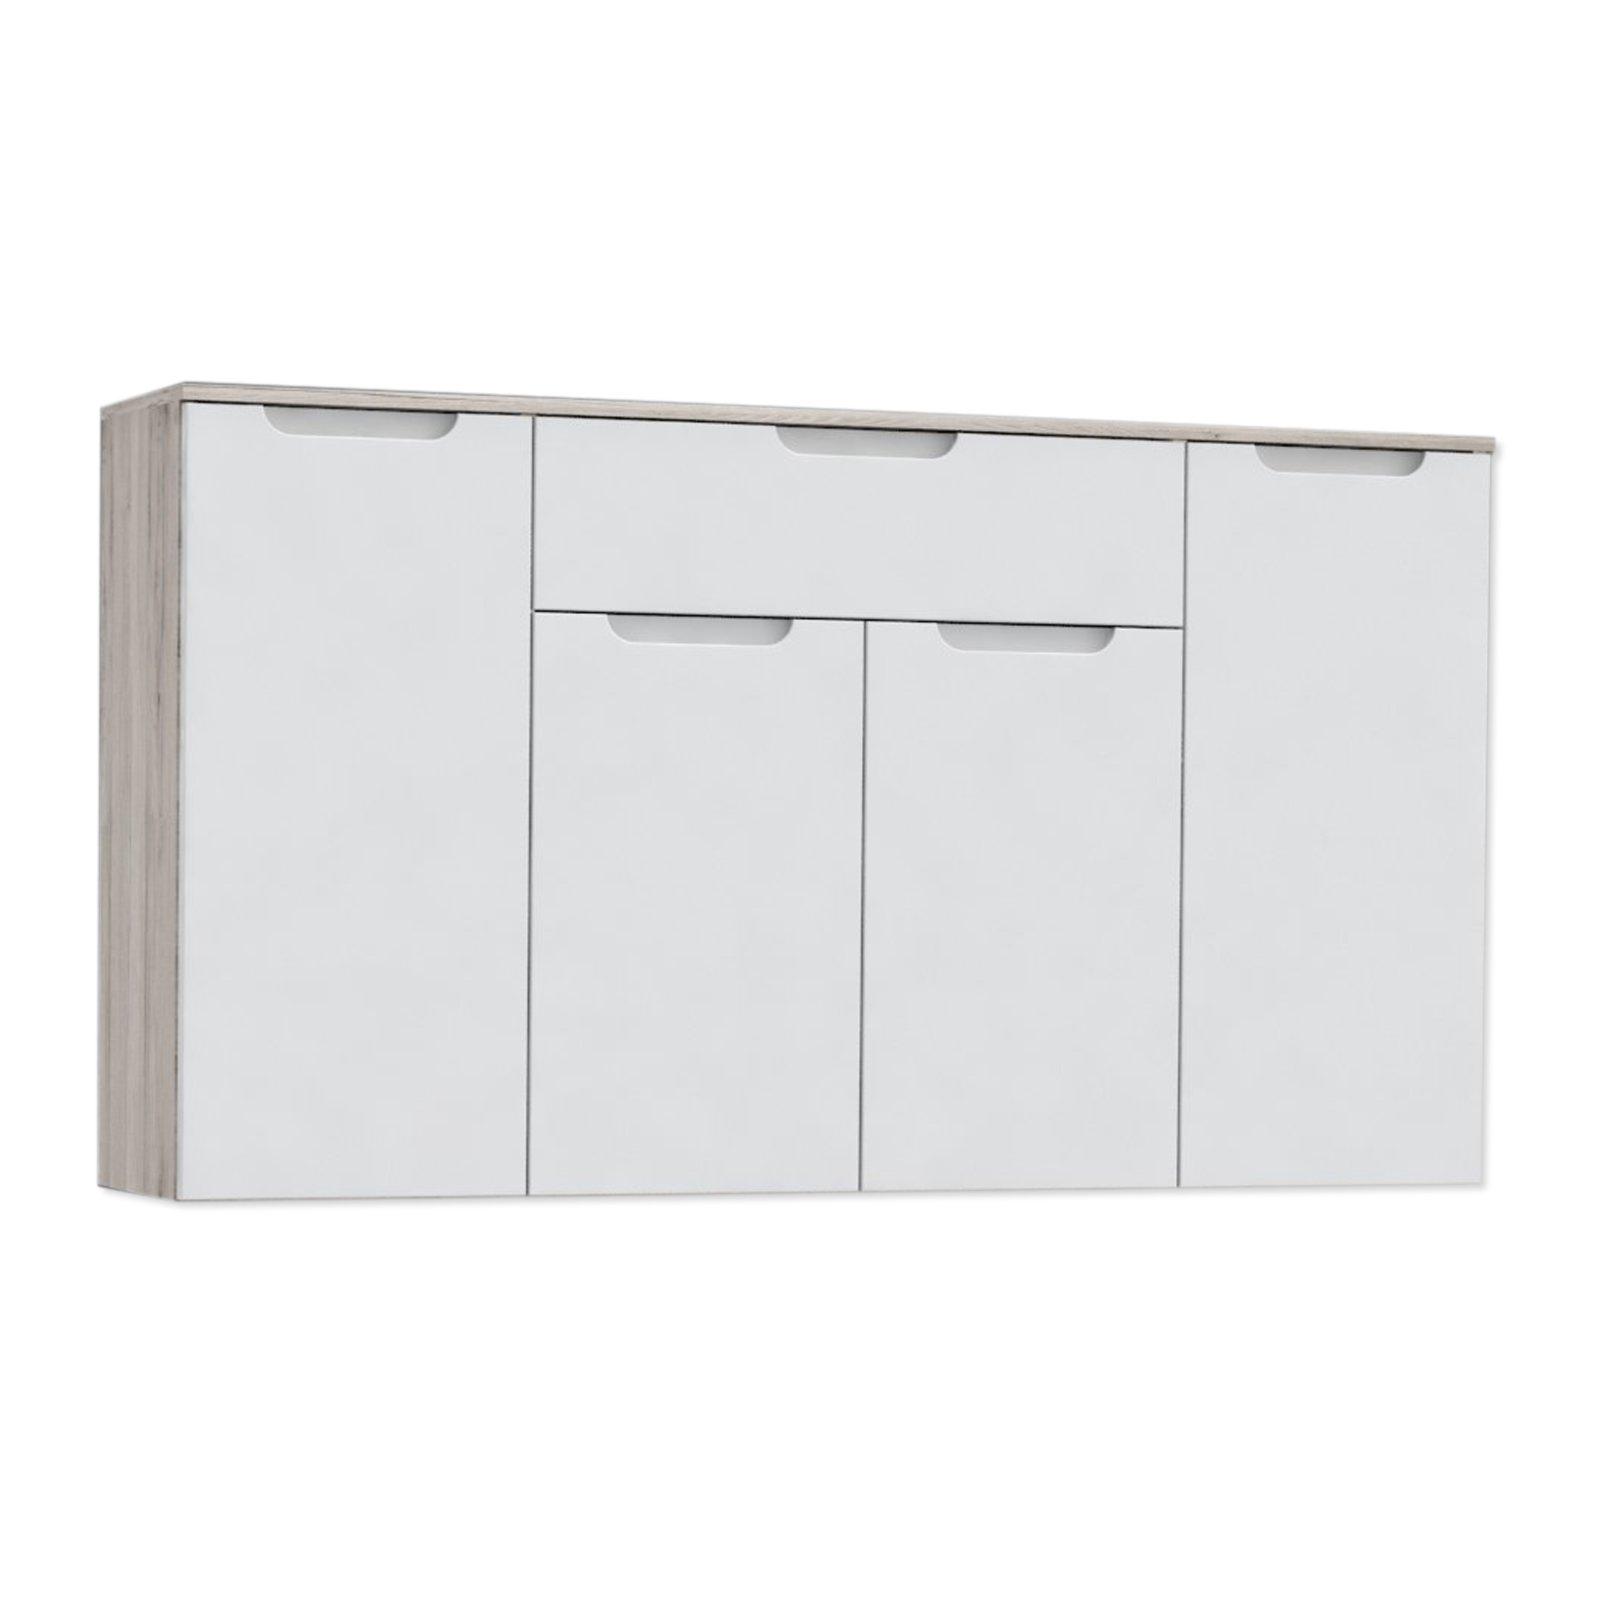 kommode moreno orek wei hochglanz sandeiche 139 cm. Black Bedroom Furniture Sets. Home Design Ideas